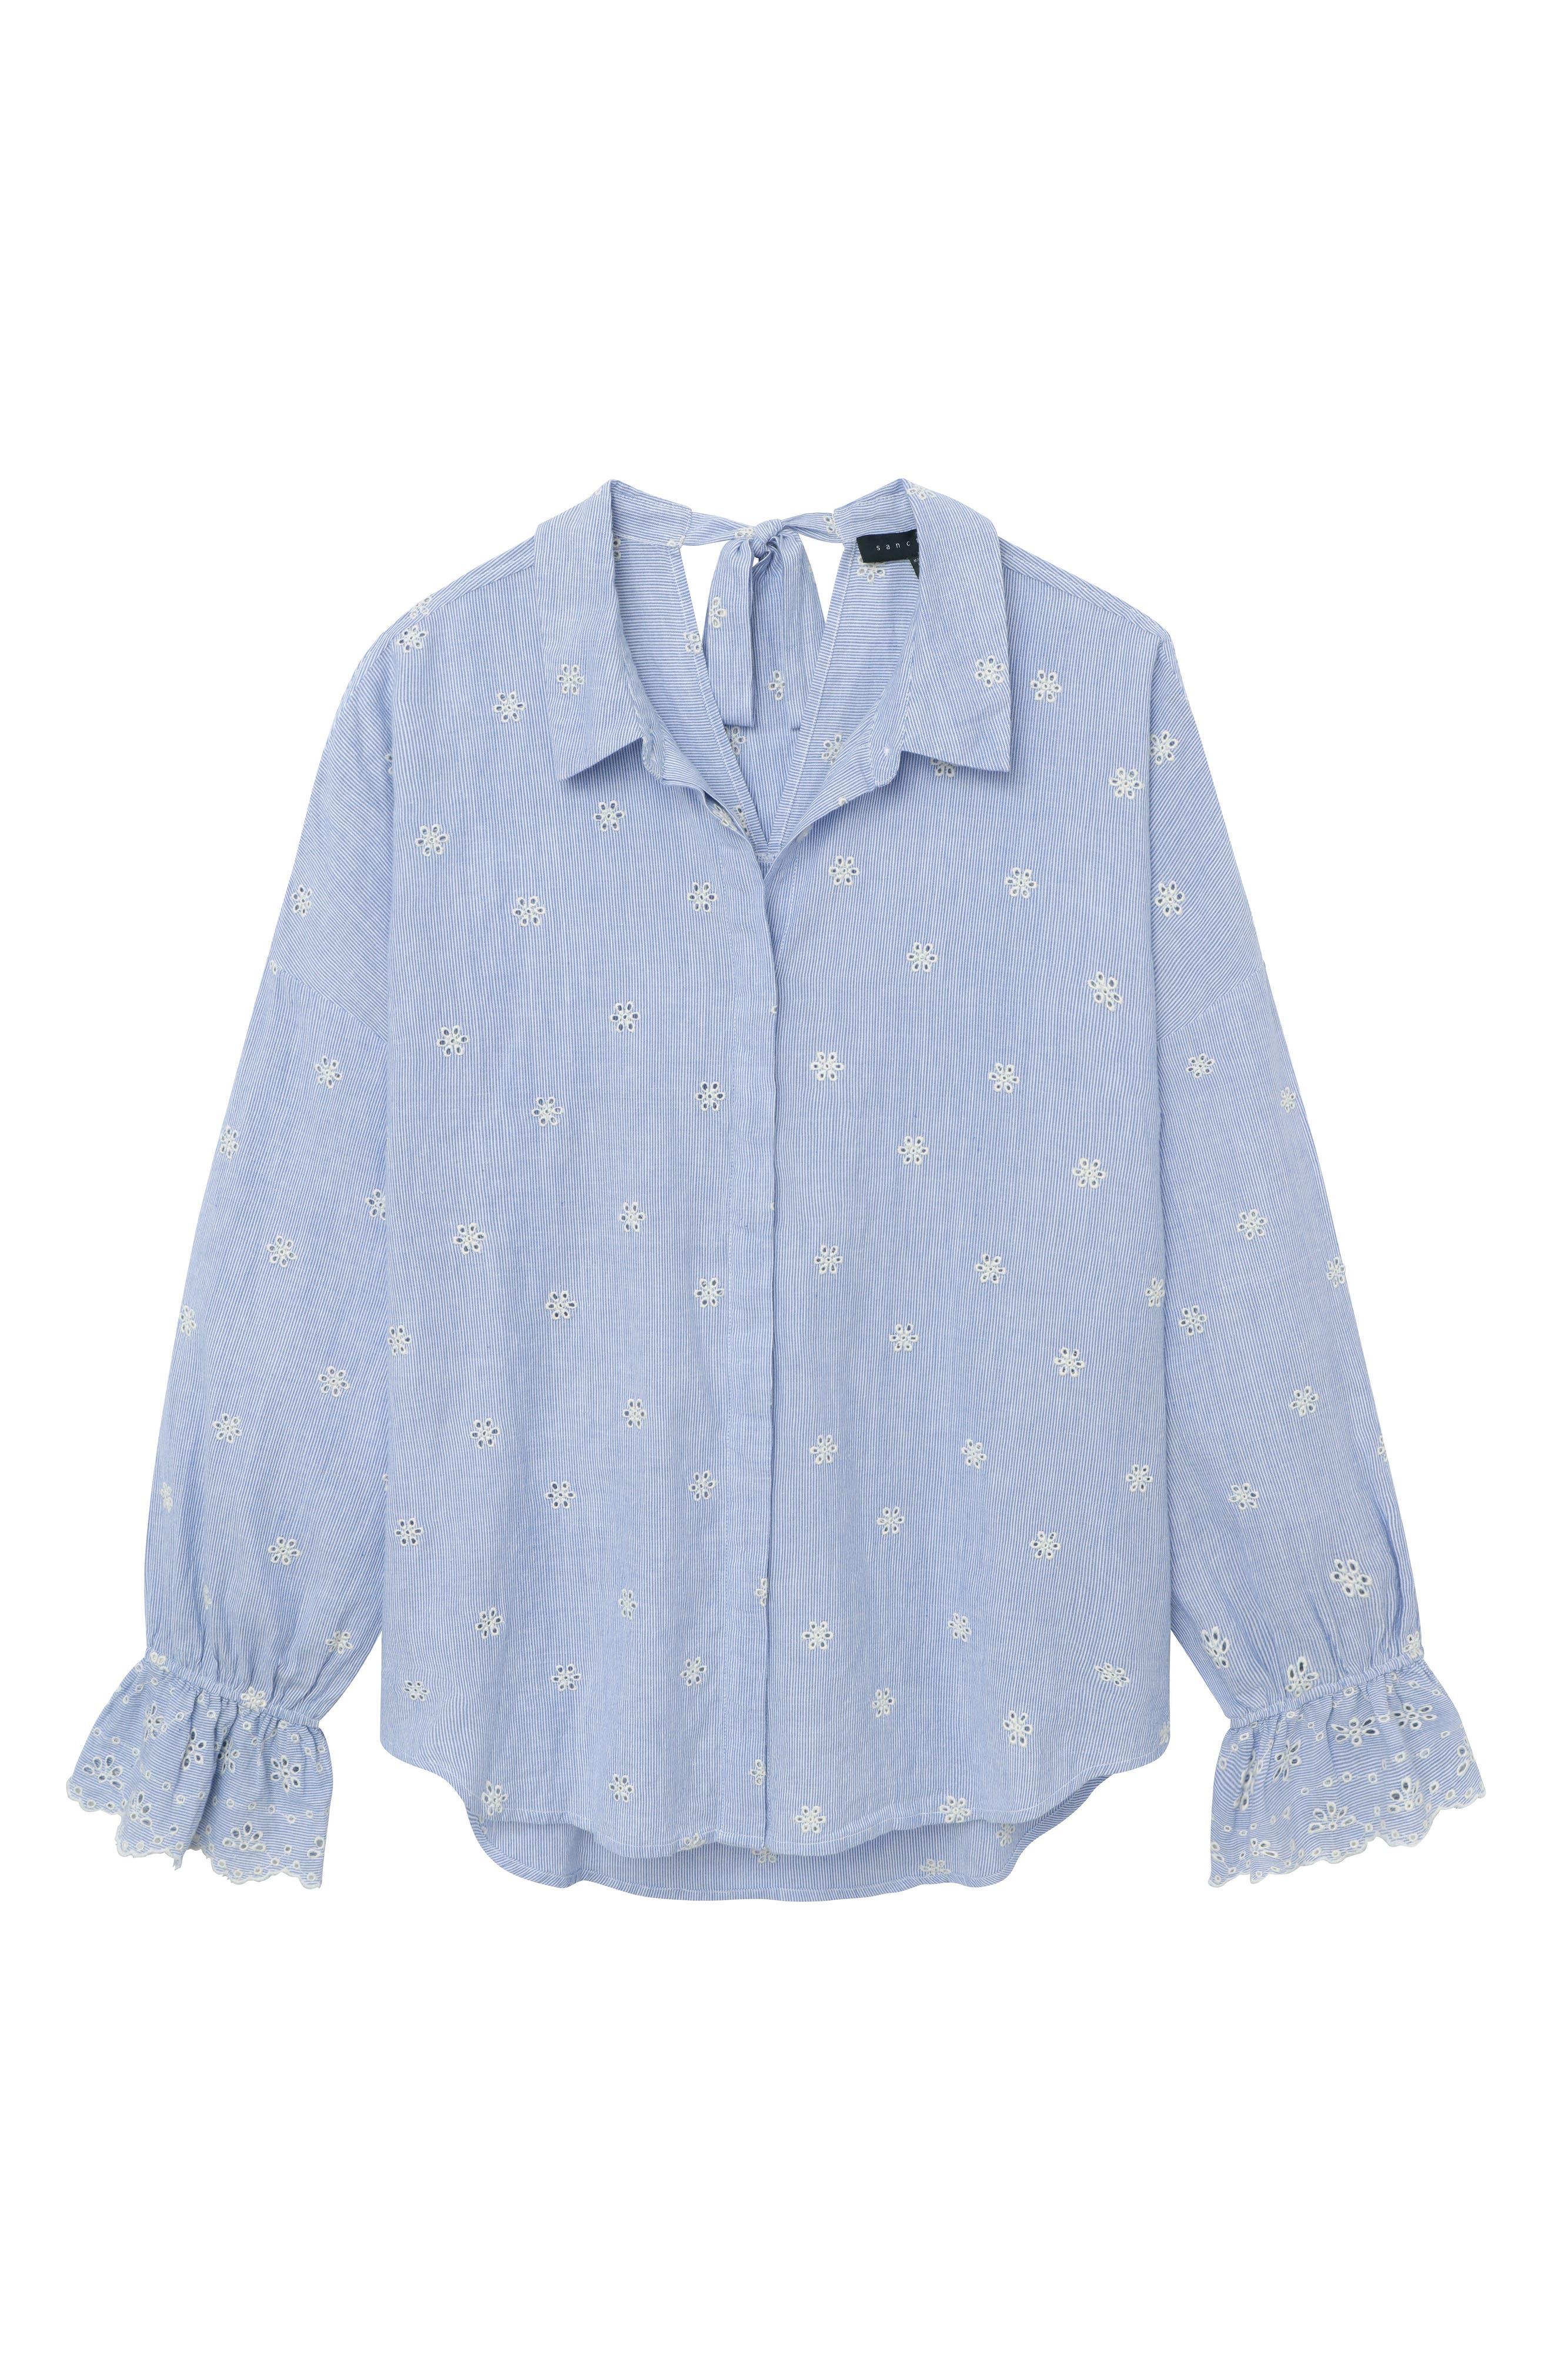 Hazel Boy Eyelet Shirt,                             Alternate thumbnail 3, color,                             496